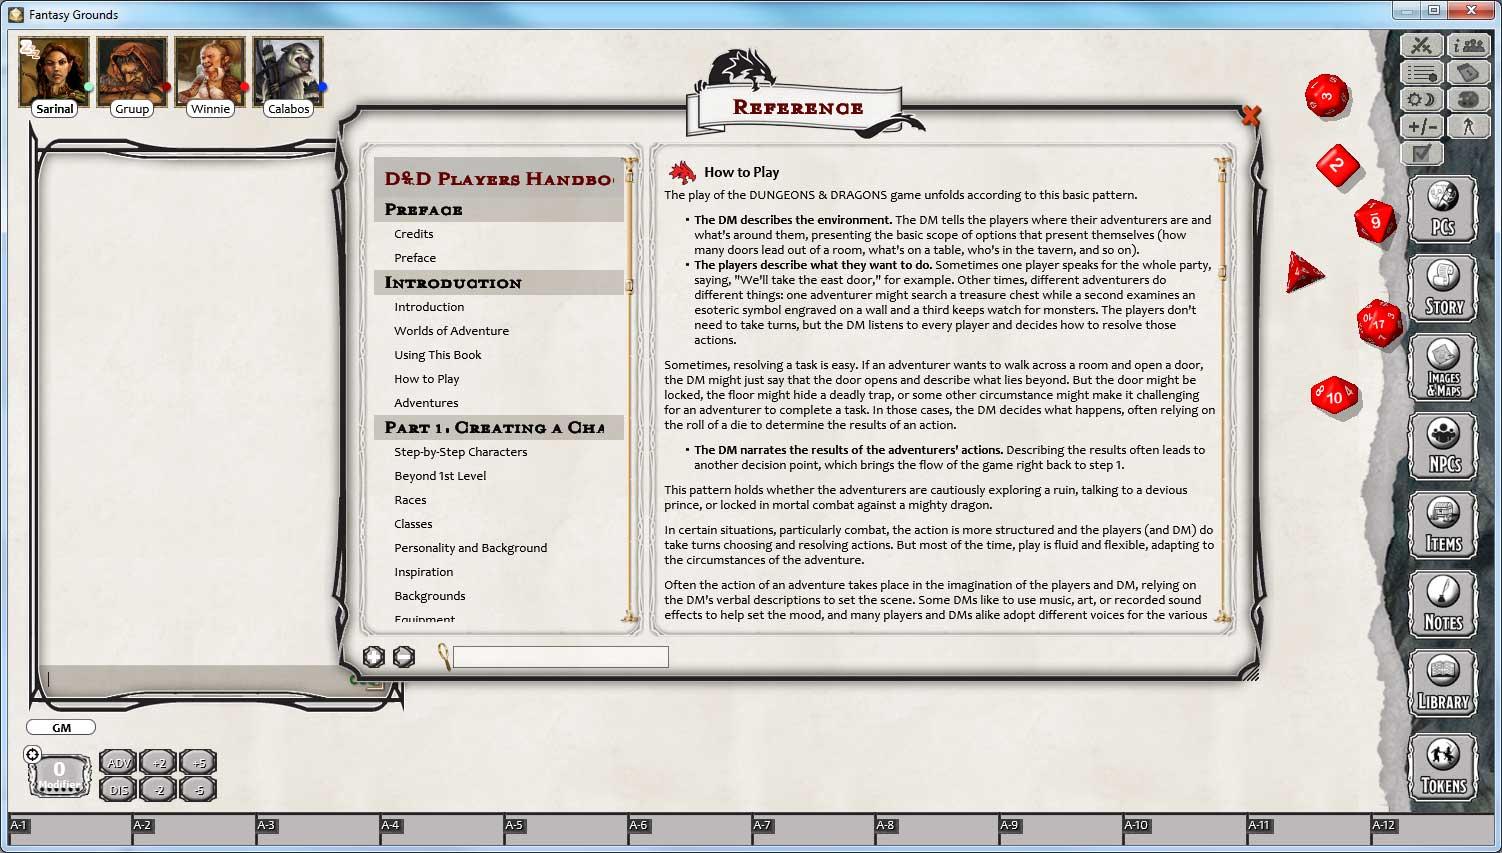 Fantasy Grounds - D&D Player's Handbook screenshot